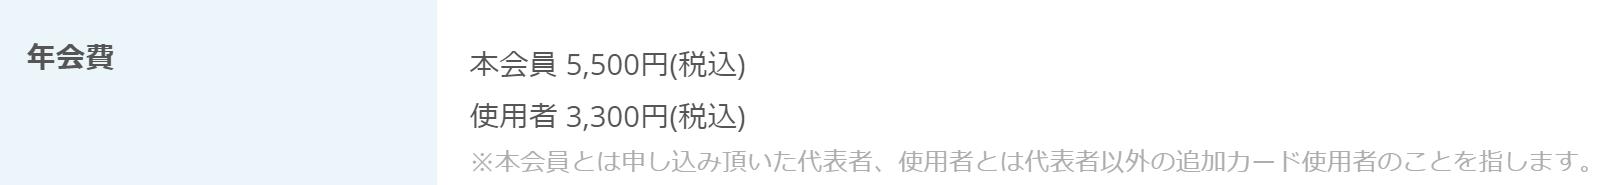 Airカード_年会費